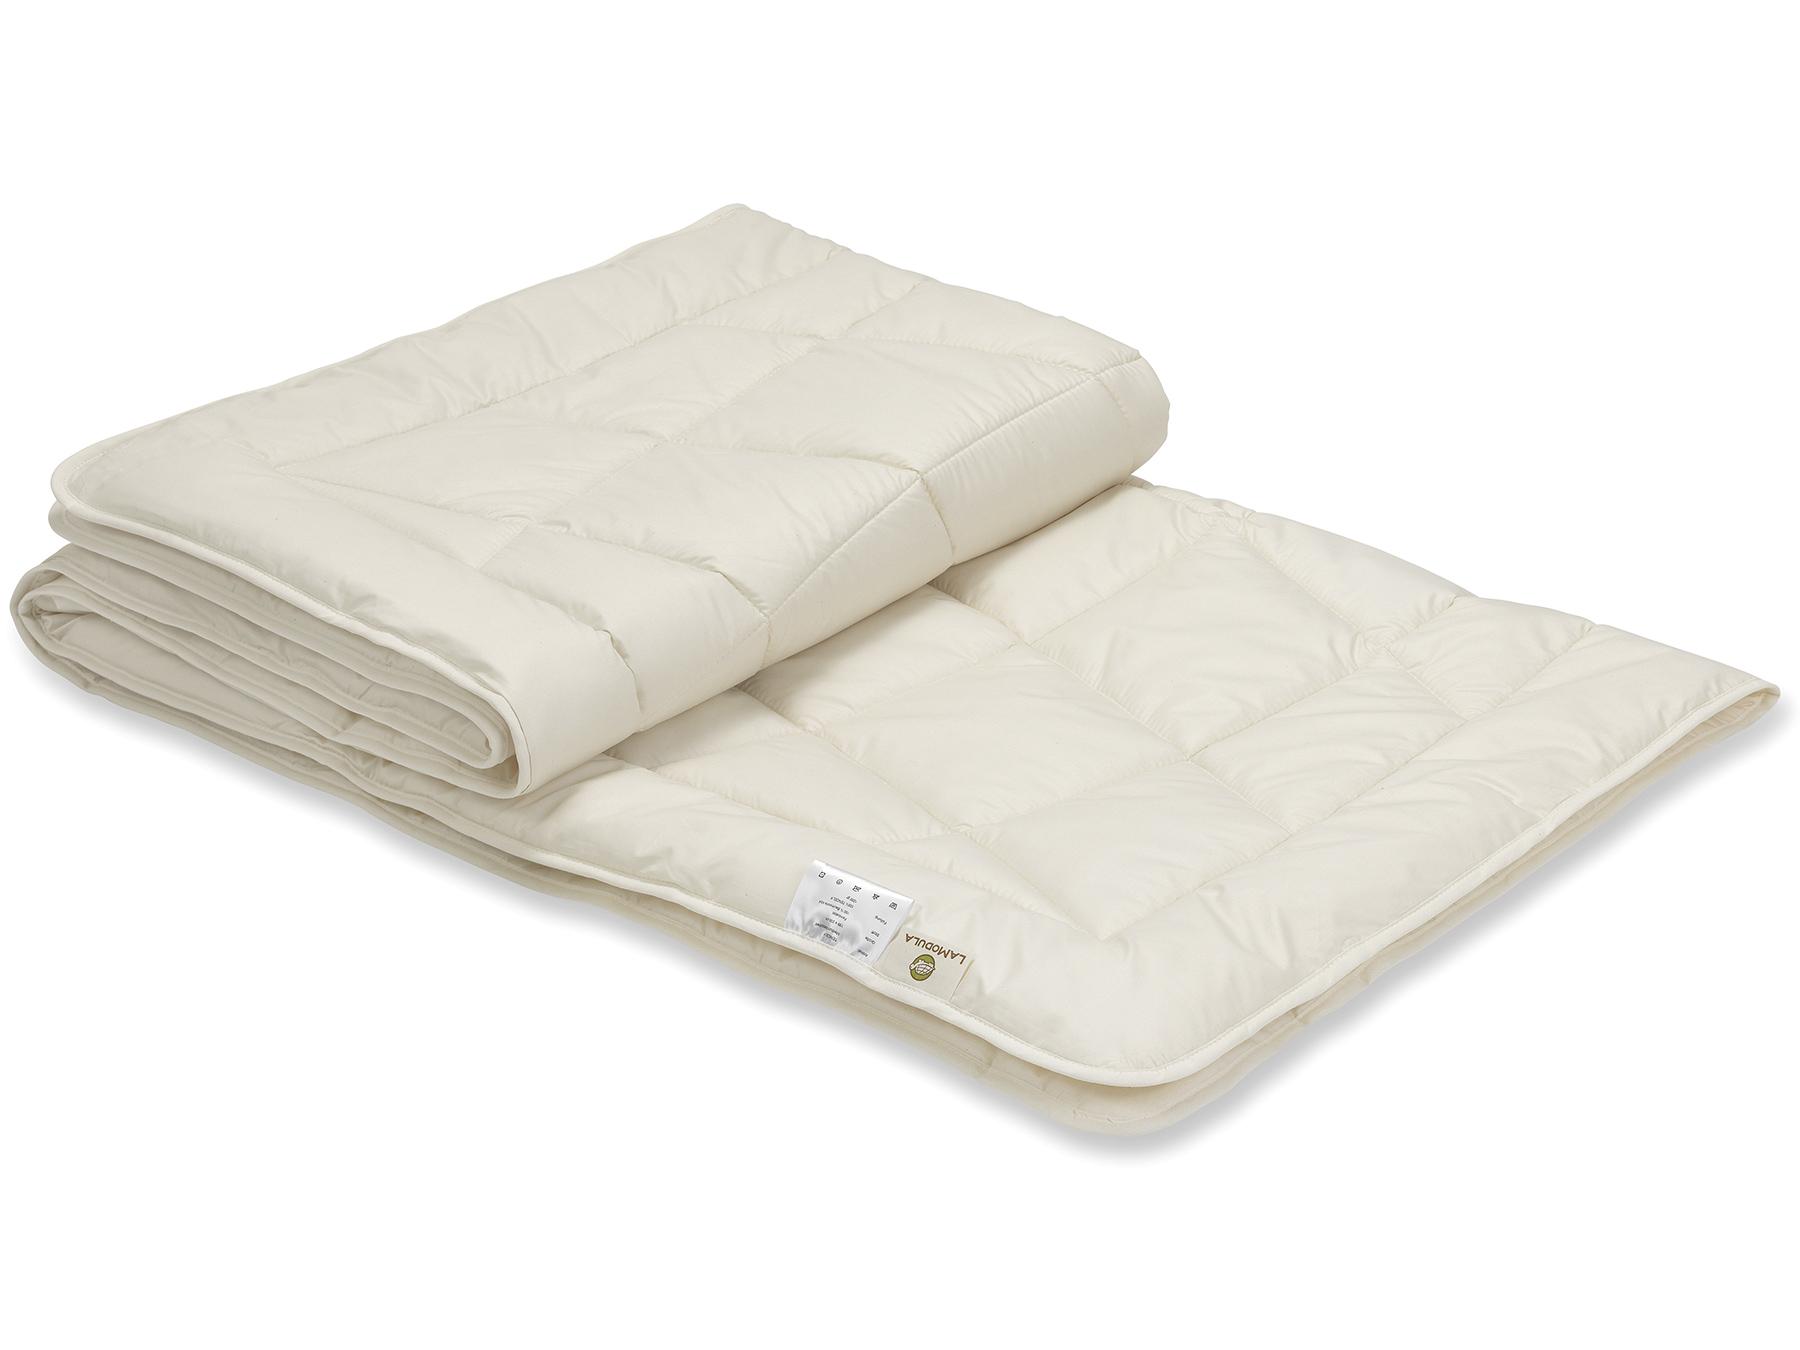 Die Medium-Decke eignet sich besonders gut für die Übergangszeit.